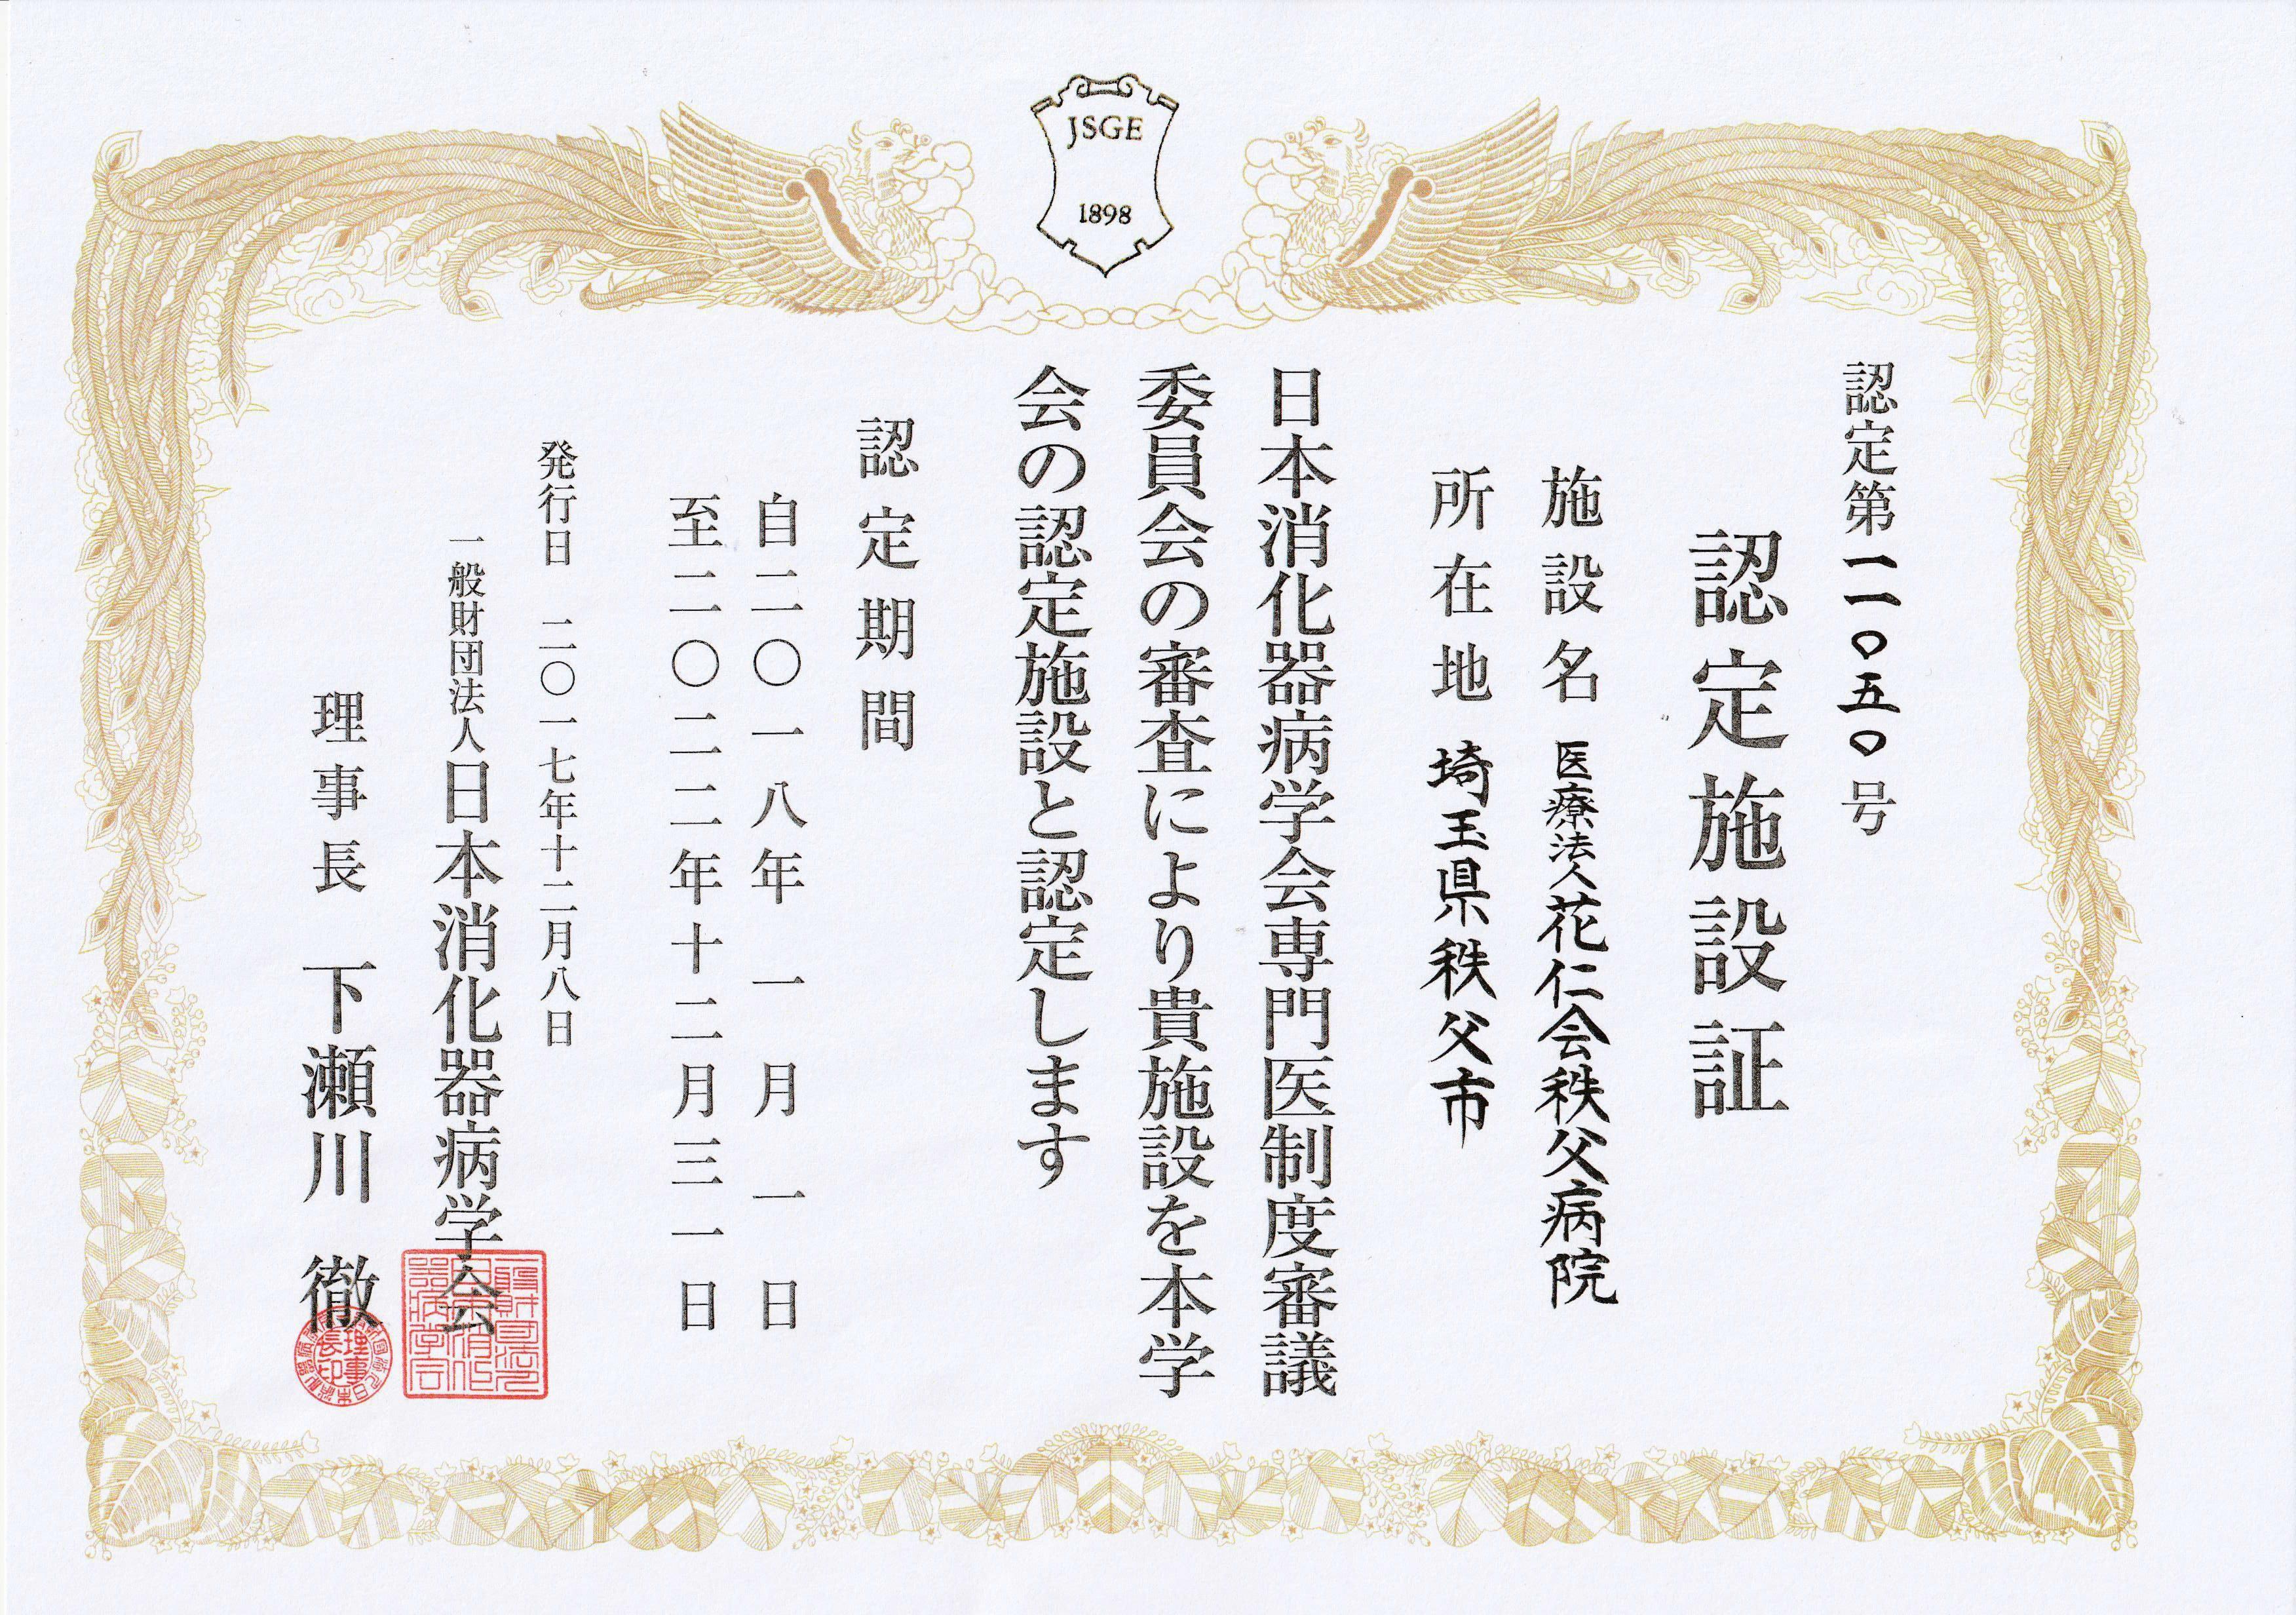 http://chichibu-med.jp/news/0001%20%285%29.jpg